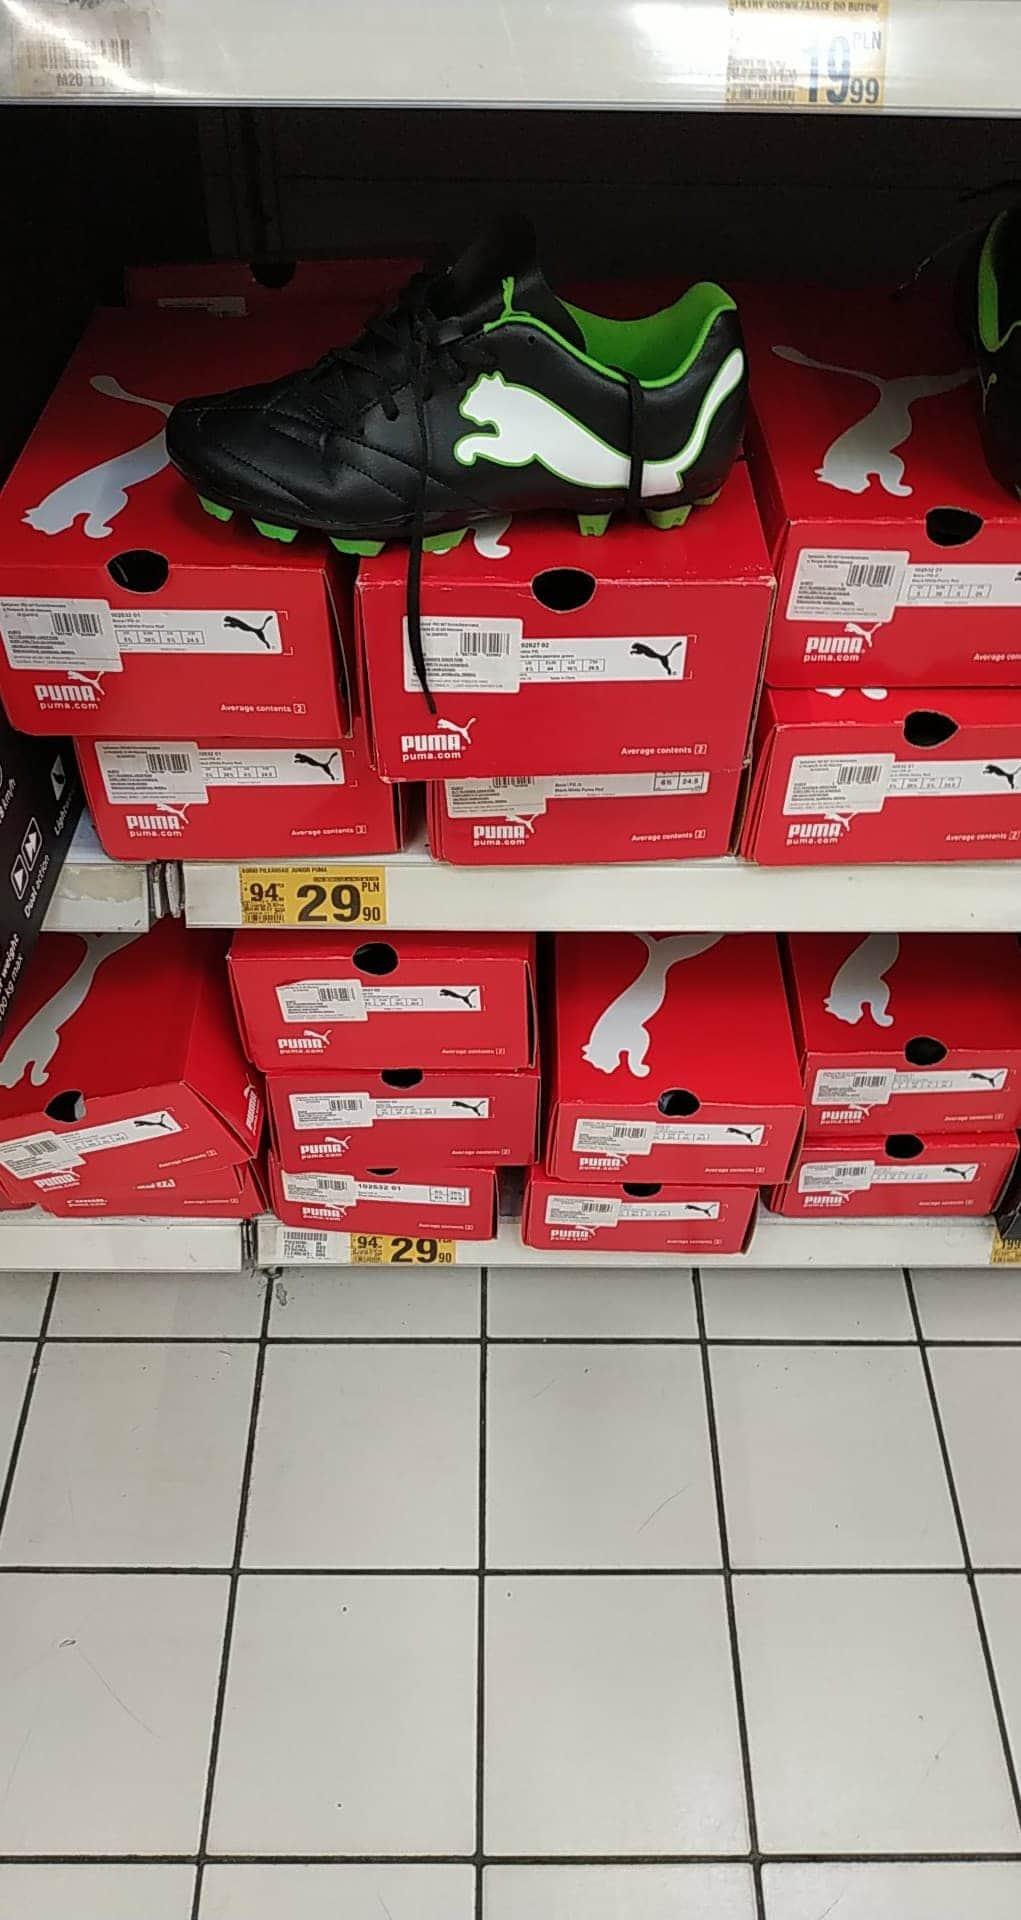 Buty piłkarskie Puma Auchan Katowice